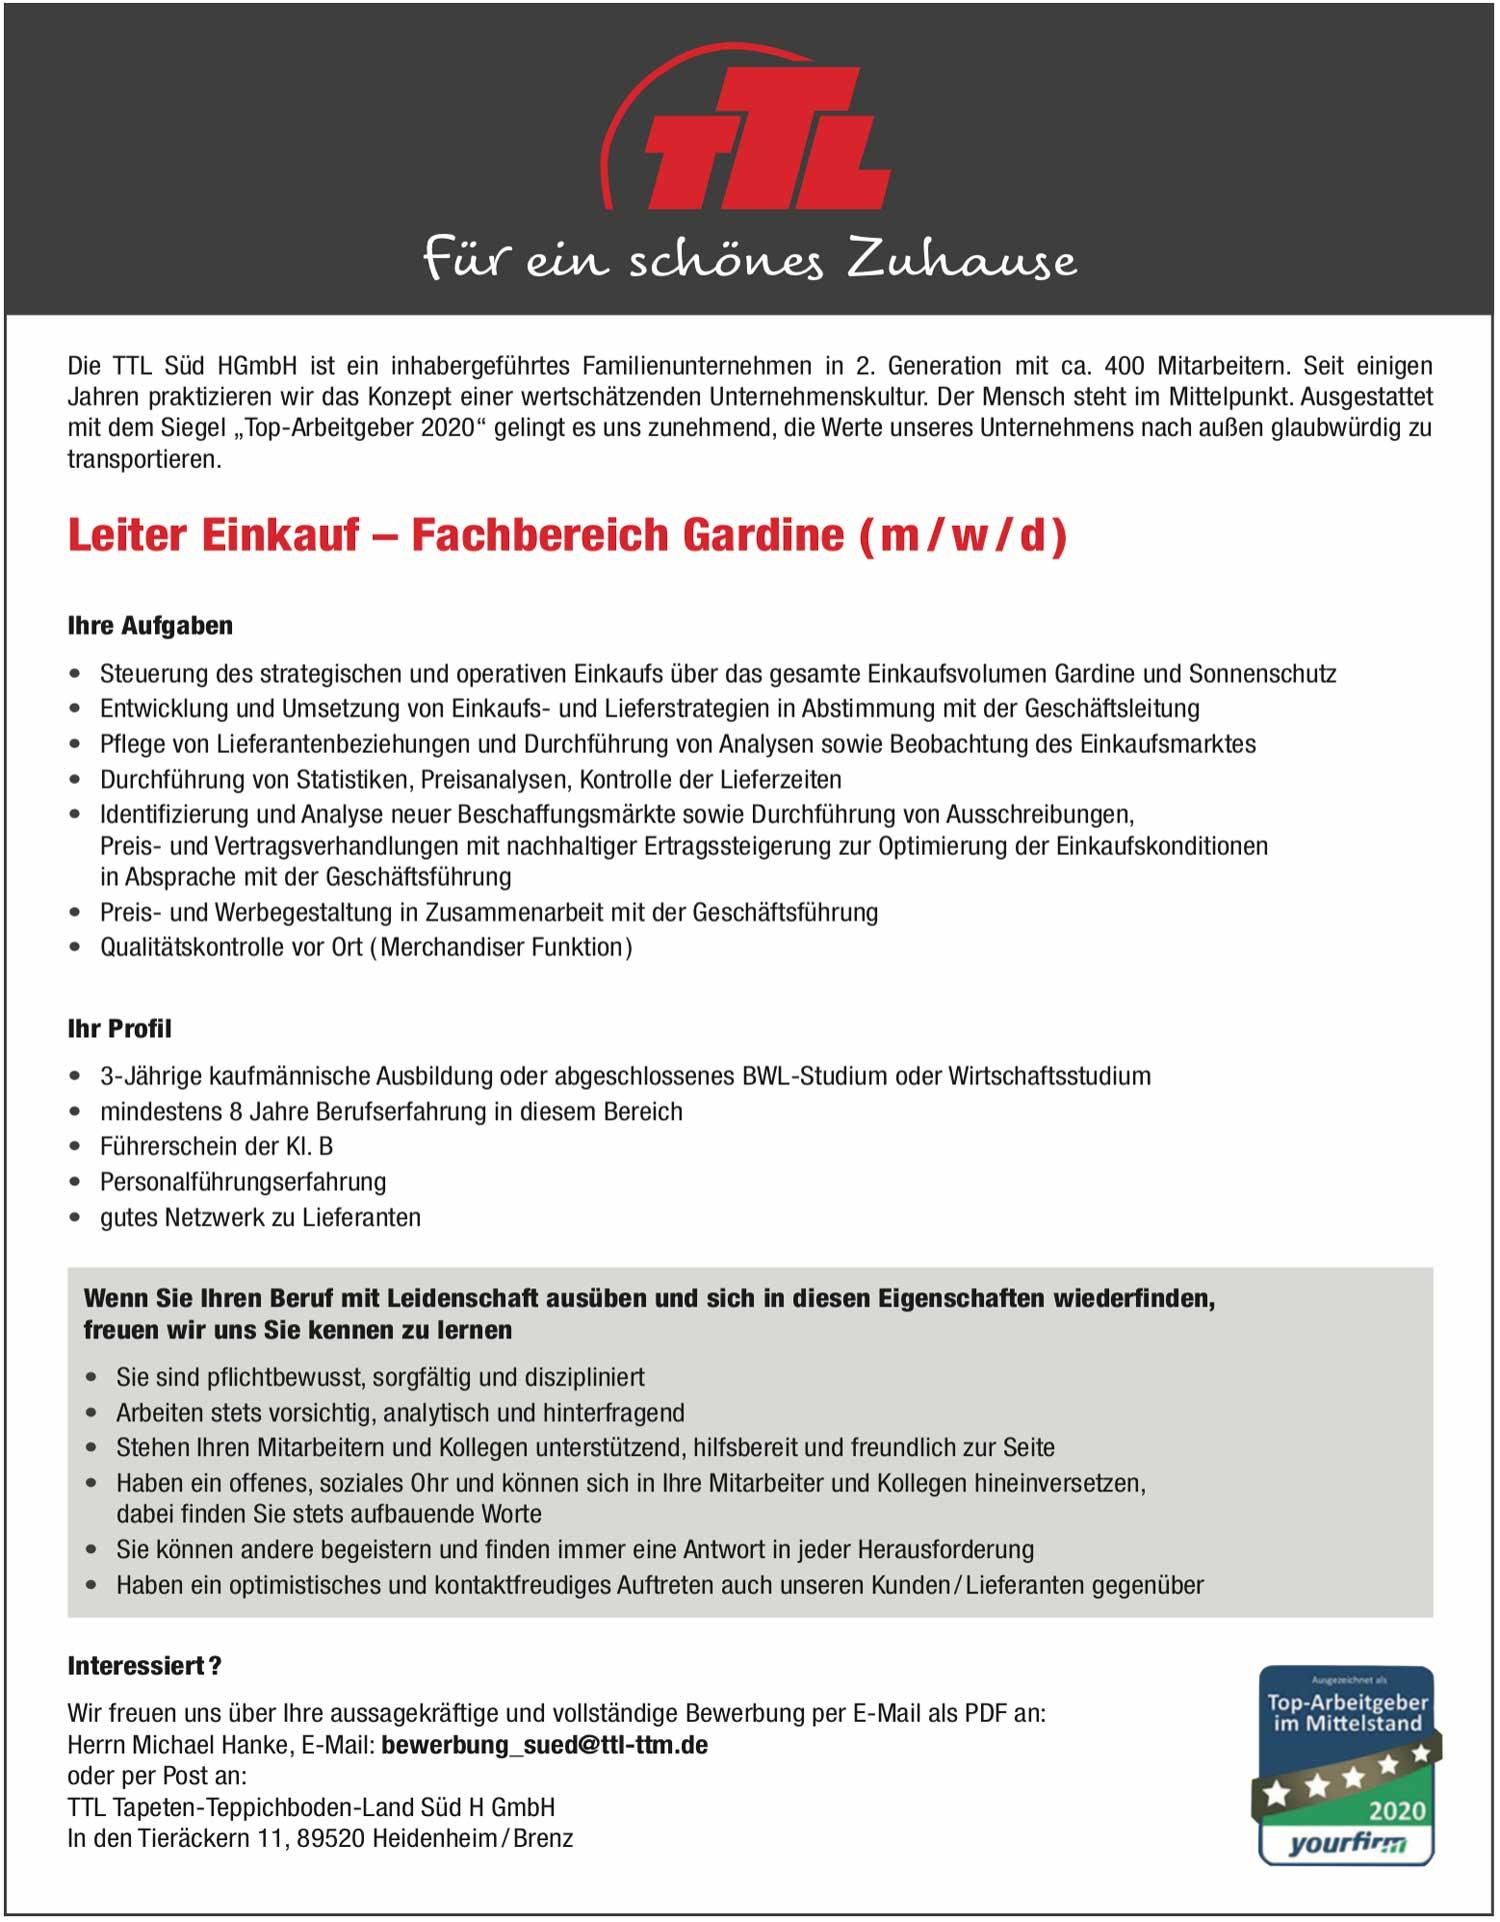 Leiter Einkauf - Fachbereich Gardine (m/w/d)